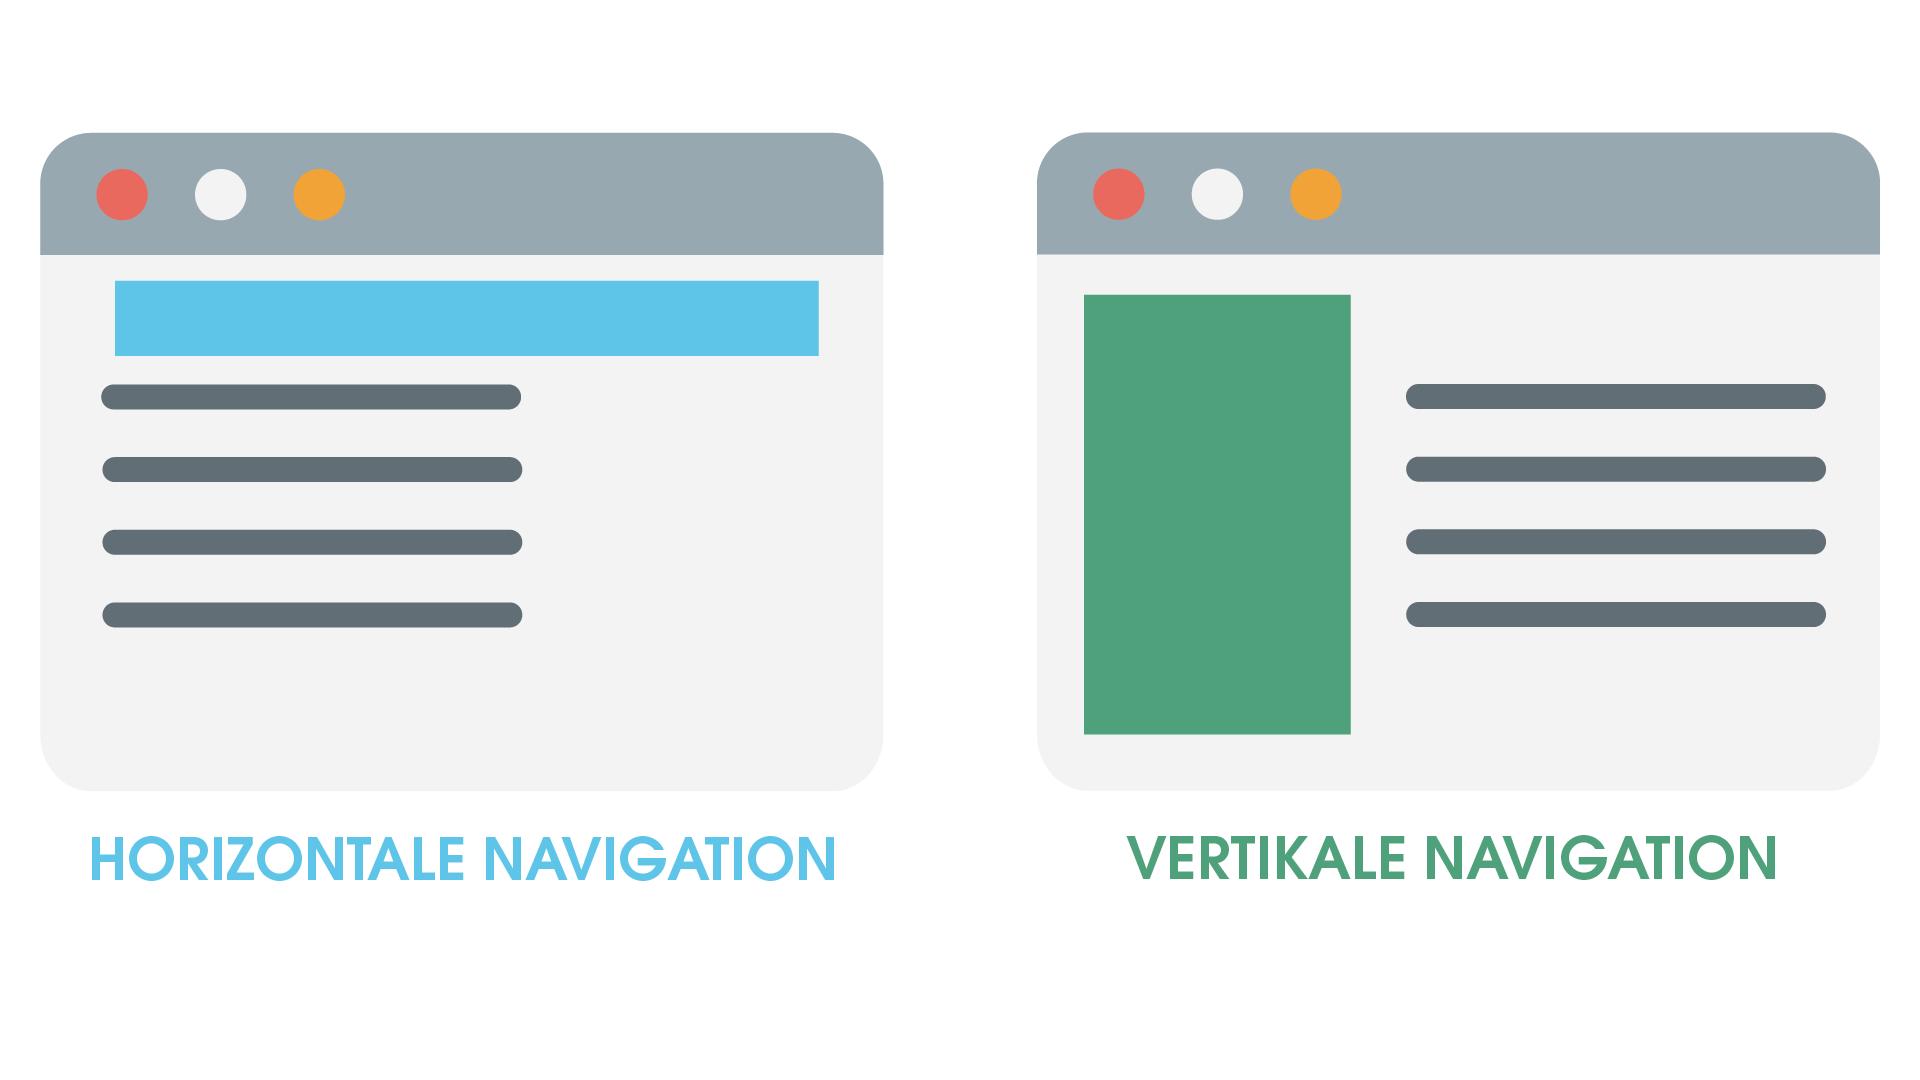 Die Grafik zeigt schematisch den Unterschied zwischen horizontaler und vertikaler Navigation. Während horizontale Menüs am oberen Rand der Website zu finden sind, befinden sich vertikale Menüs links oder rechts der Website.